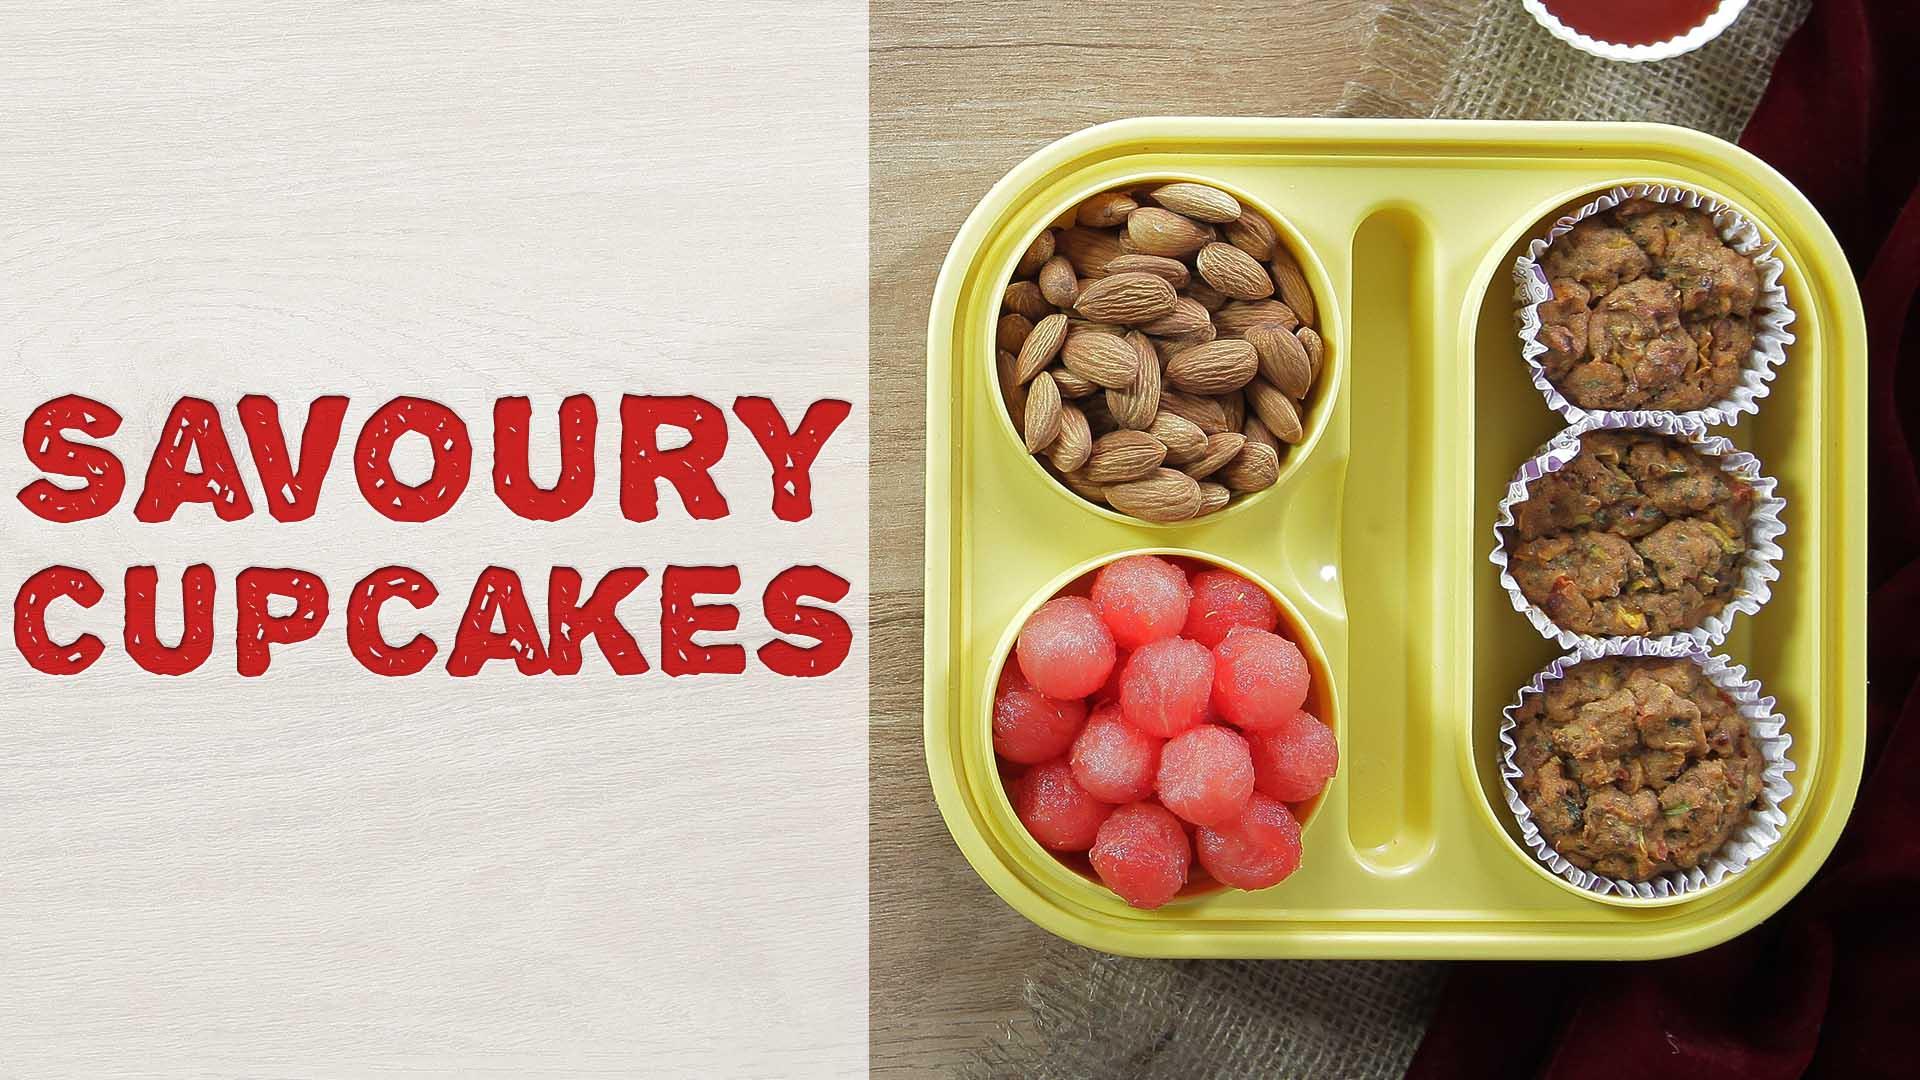 Savoury Cupcakes Recipe